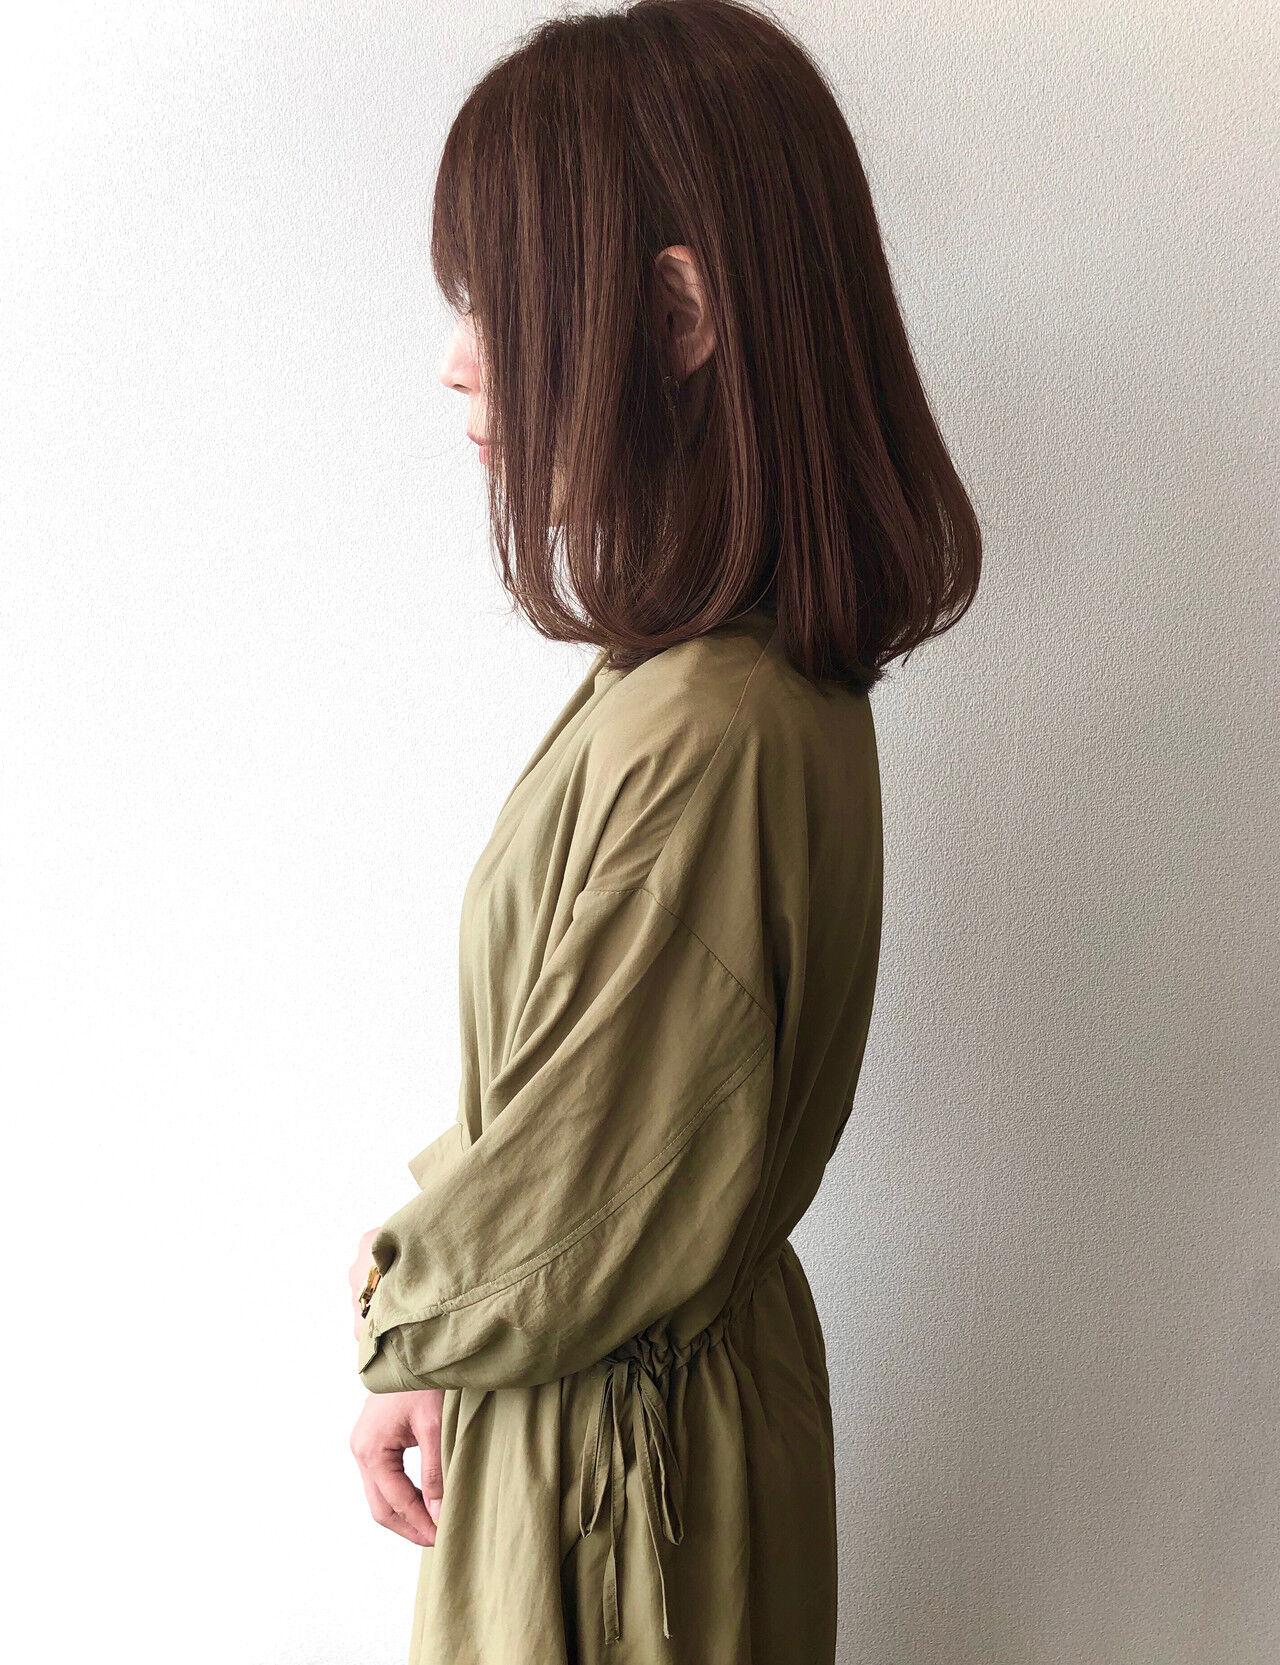 アッシュブラウン 大人女子 セミロング 大人ヘアスタイルヘアスタイルや髪型の写真・画像